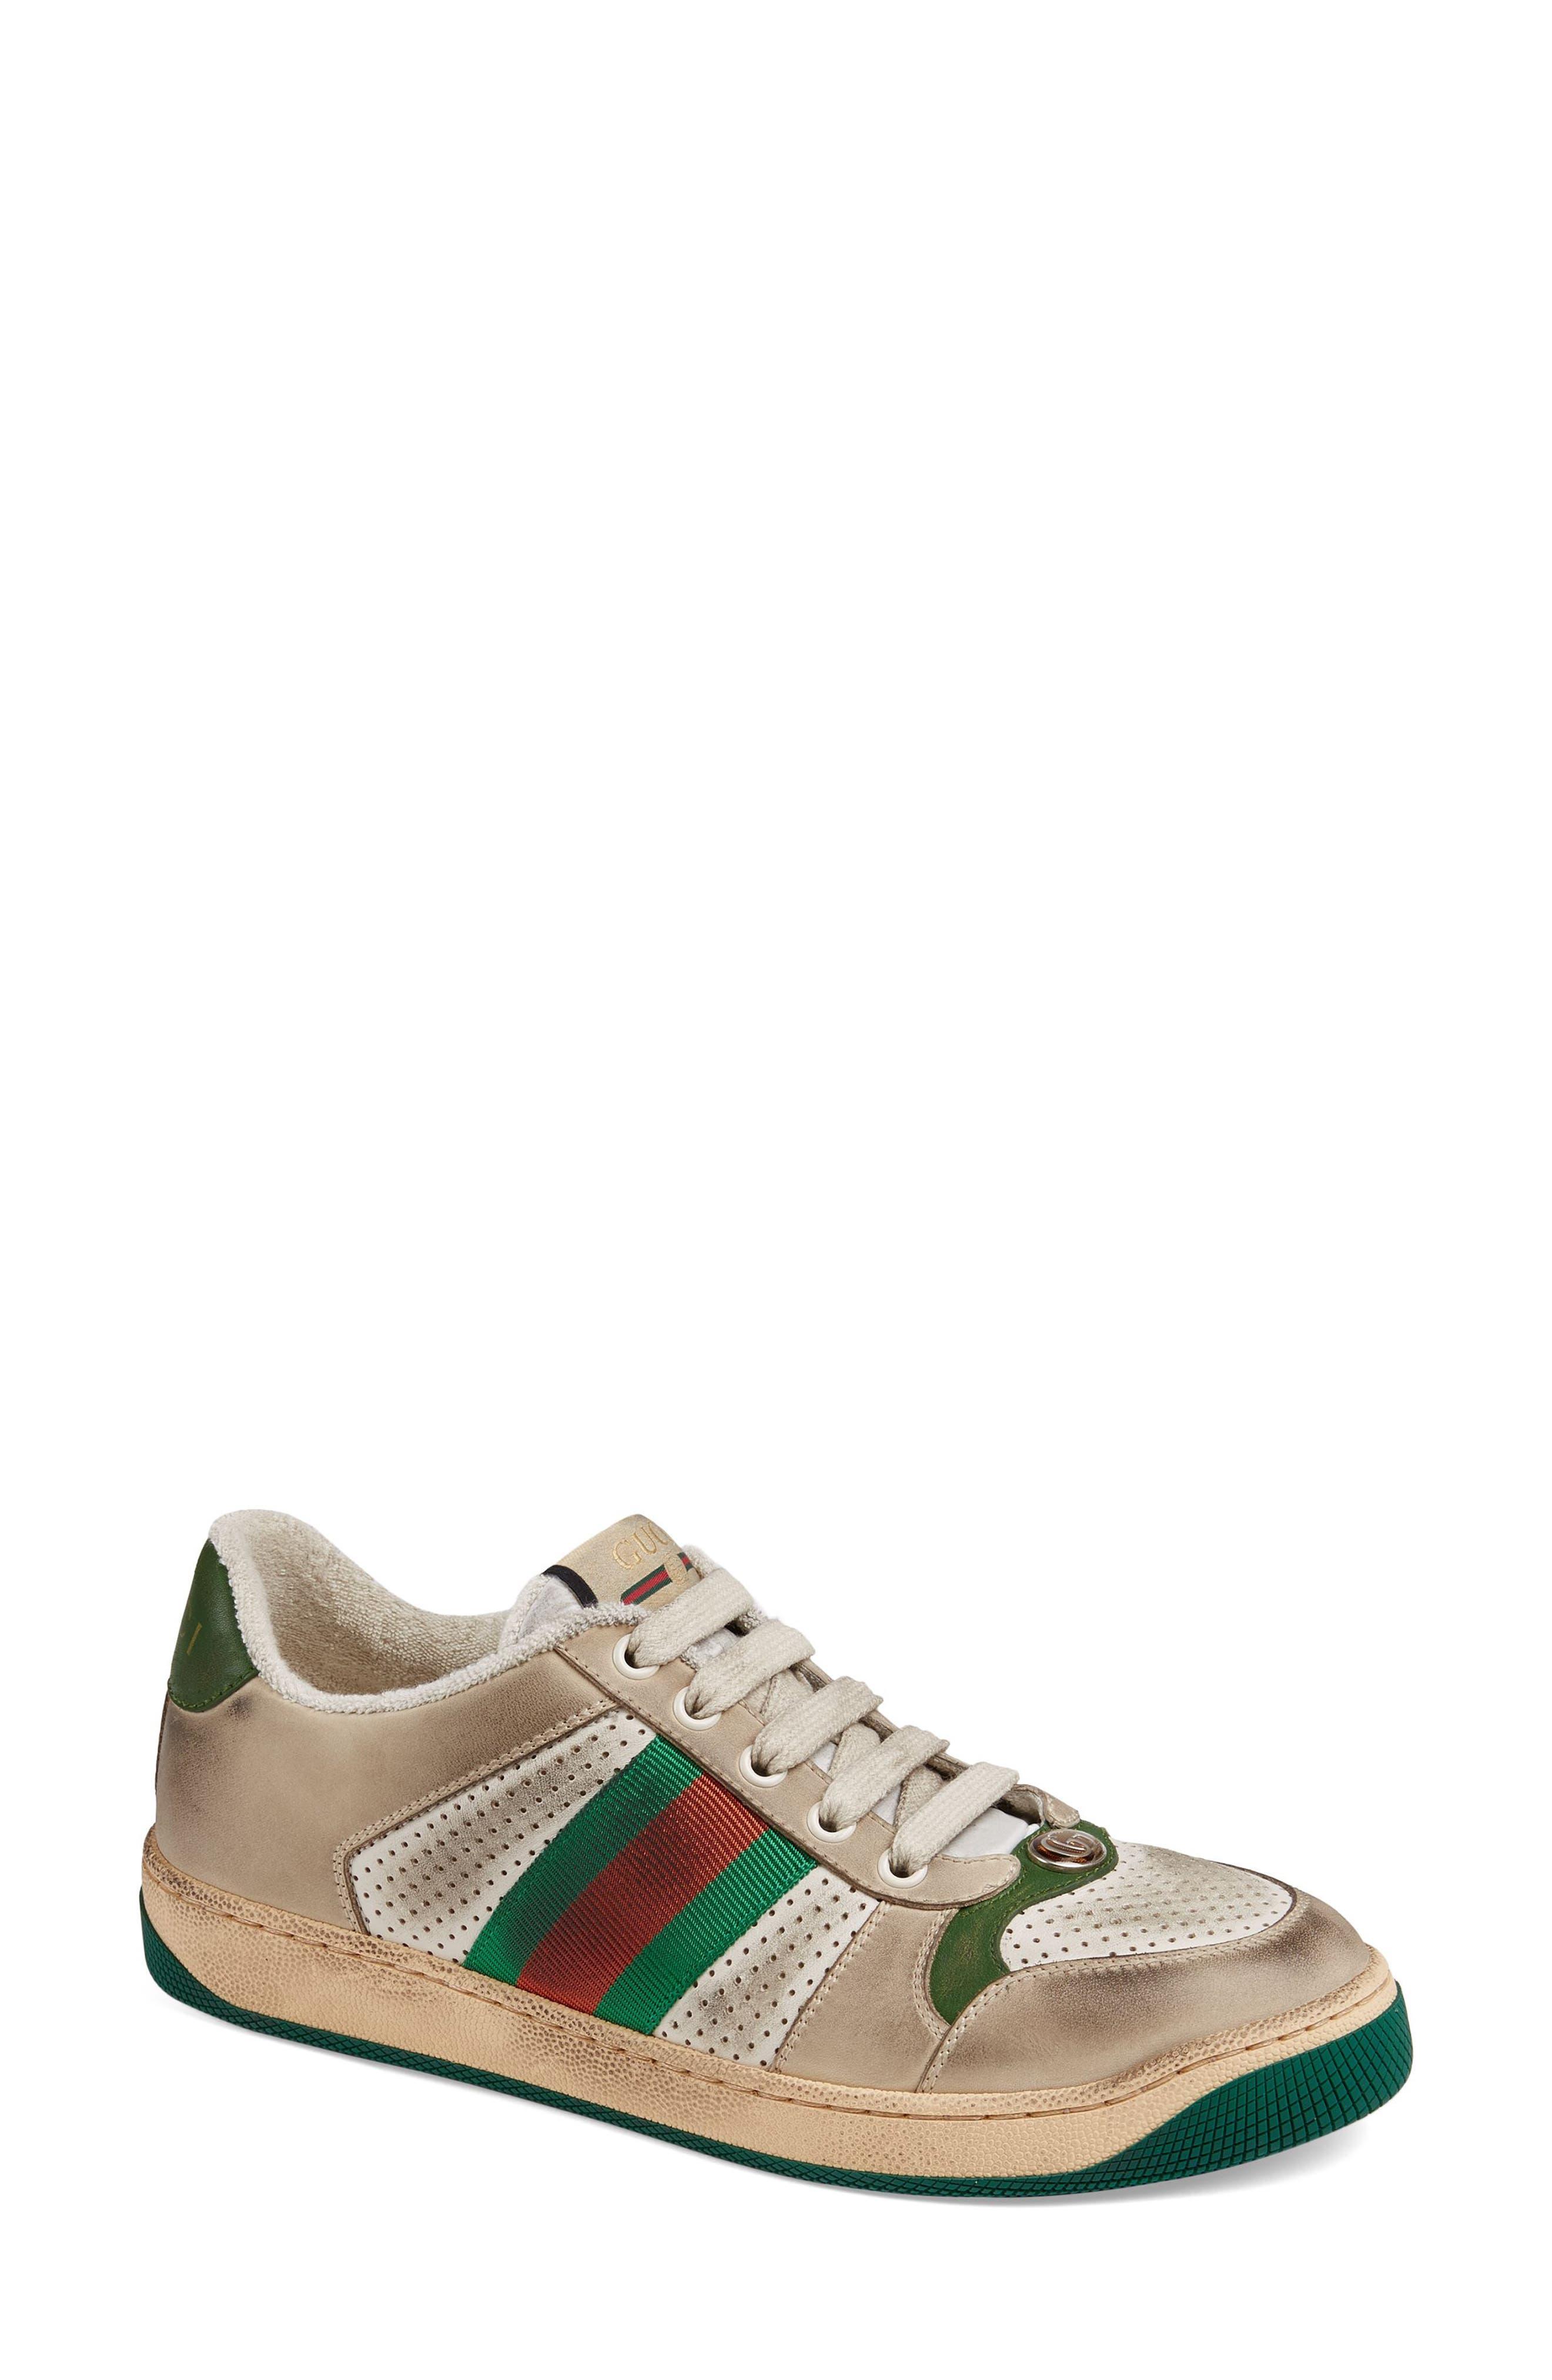 Gucci Screener Low Top Sneaker, Beige